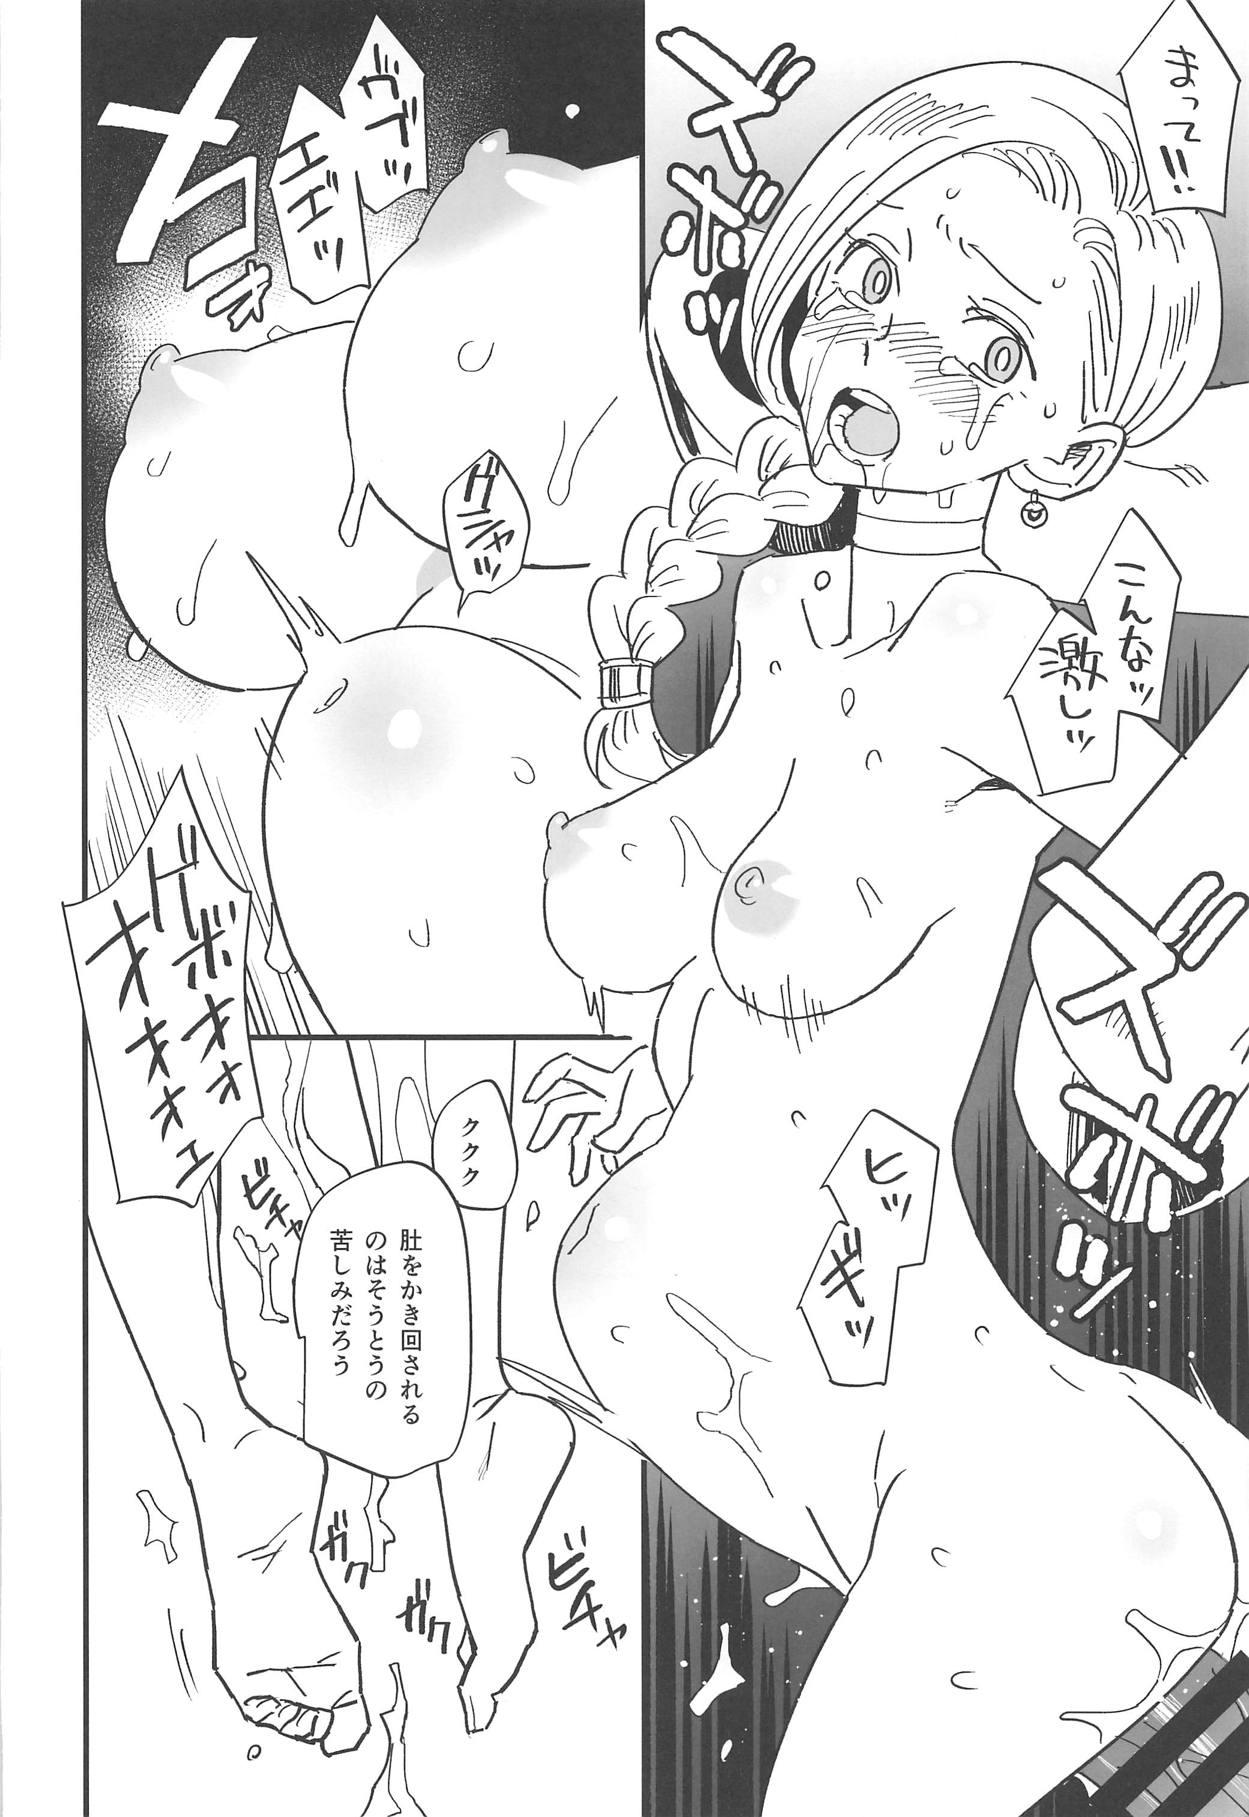 【エロ漫画】勇者の奥様は街の肉便器もこなしちゃうスーパー痴女♡魔物のデカマラちんぽまで相手に出来るとか流石ですわぁ…